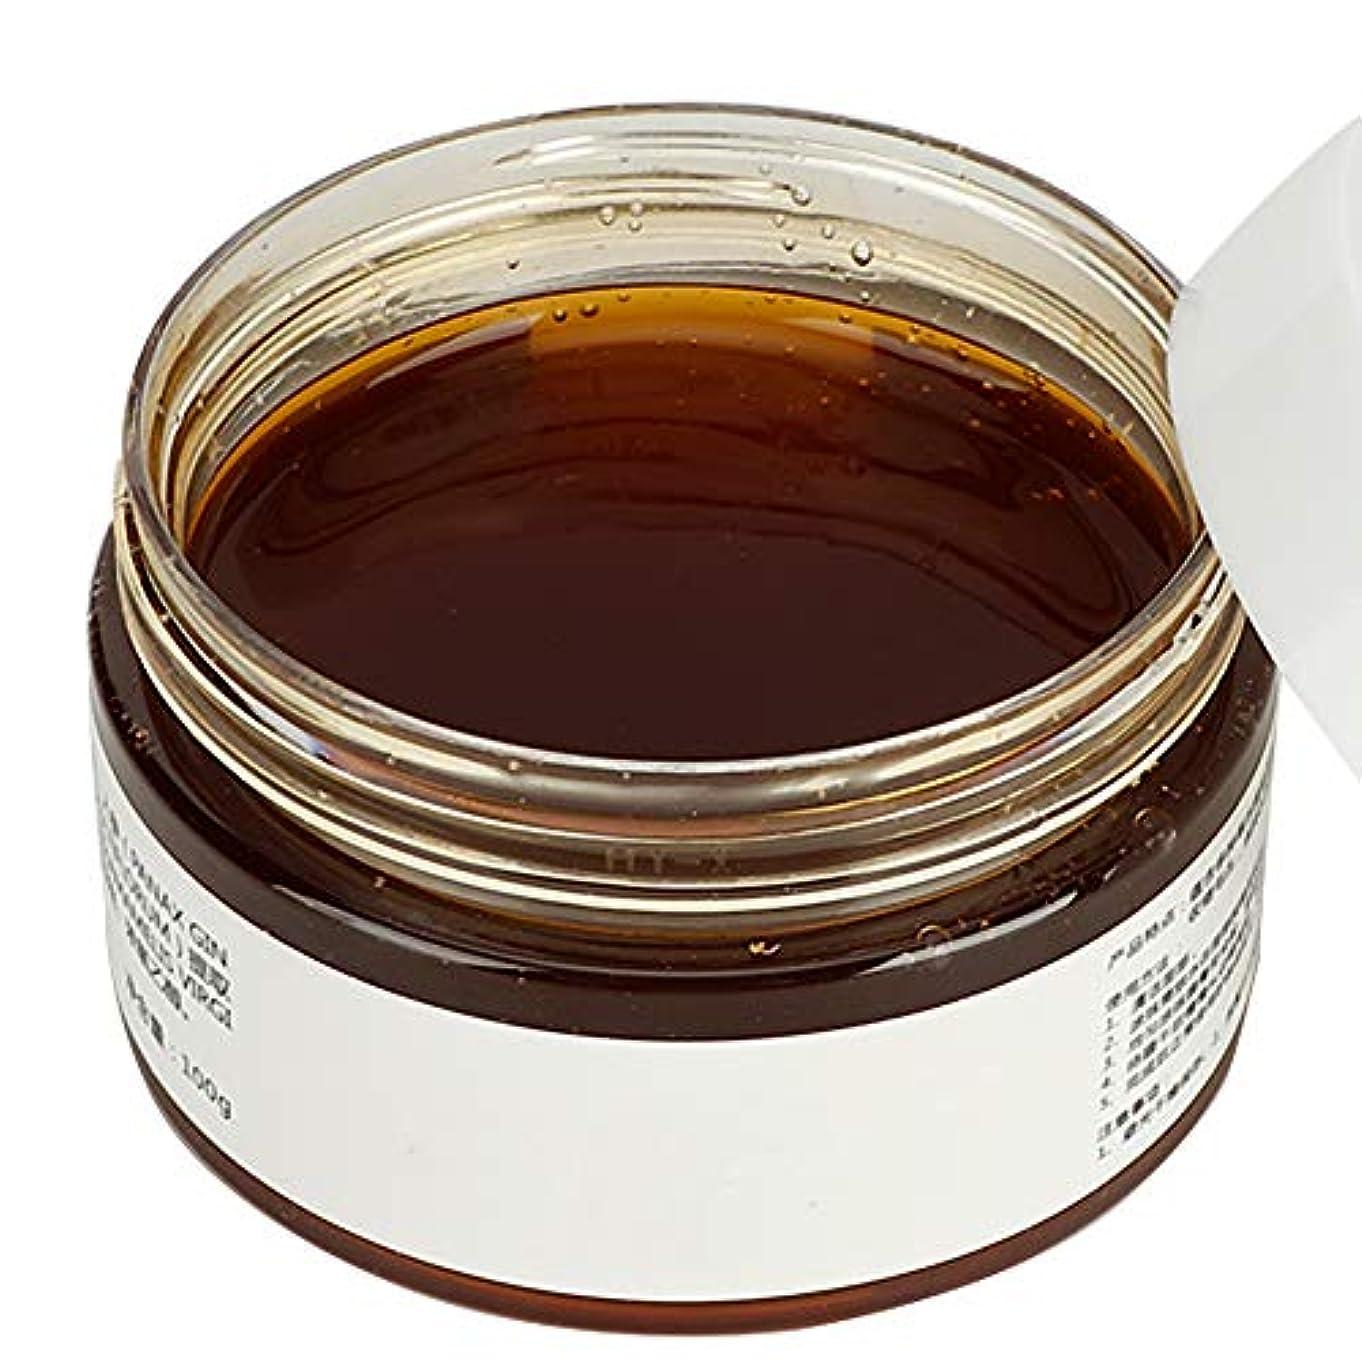 アルバニーメタン輸血スキンケア用マスク、角質除去マスク、毛穴、ニキビ、角質、ニキビ、水分補給、ミネラルオーガニック製品